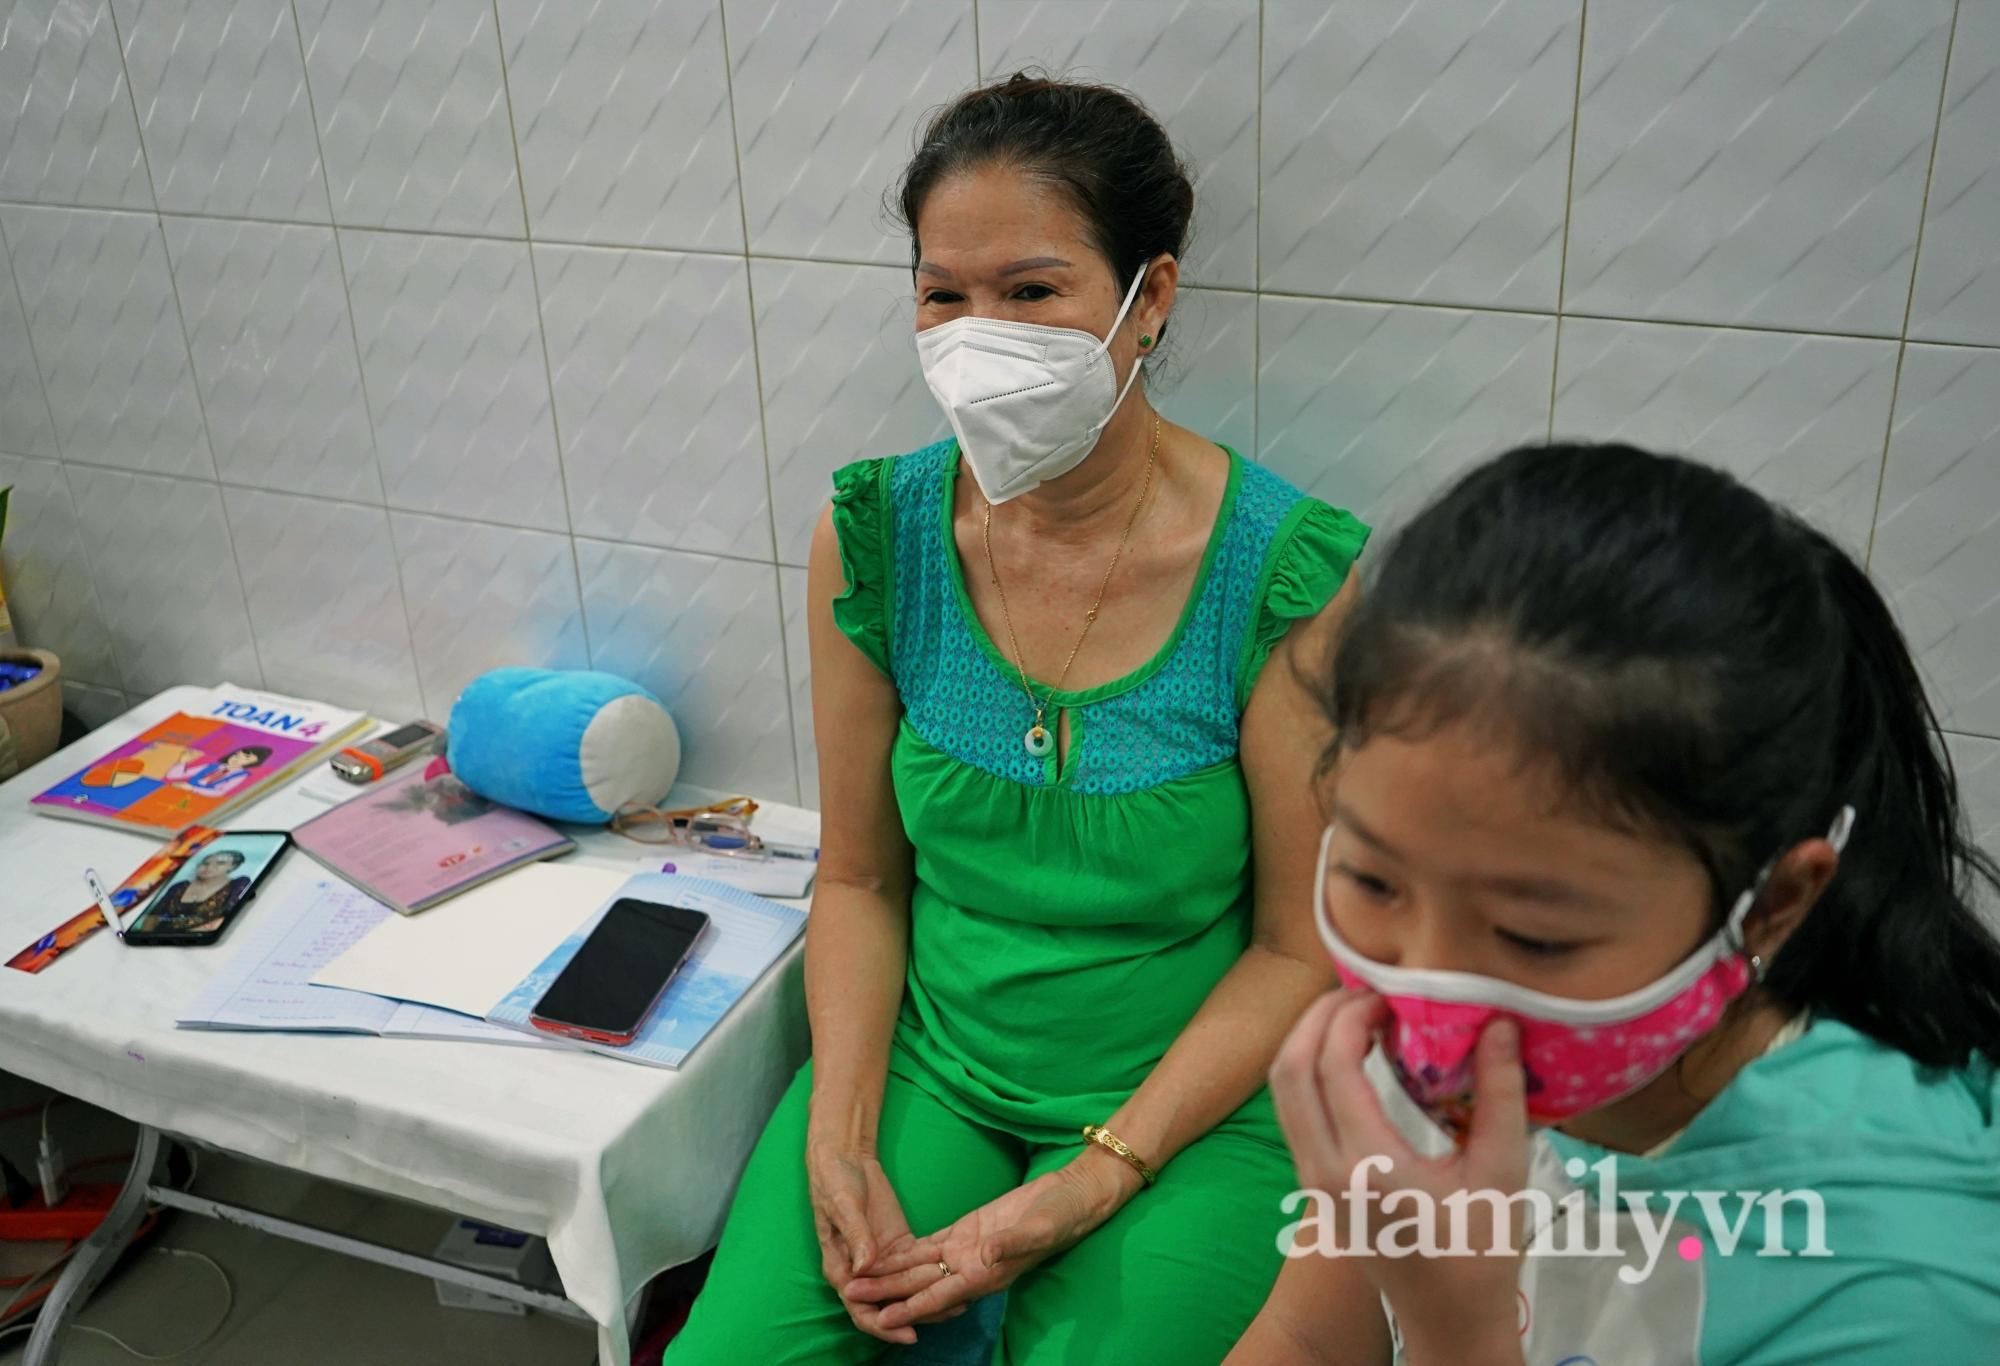 Những đứa trẻ mồ côi vì đại dịch: Nén nhang lúc đêm muộn khe khẽ mẹ ngủ ngon, như lưỡi dao cứa vào lòng người lớn-5